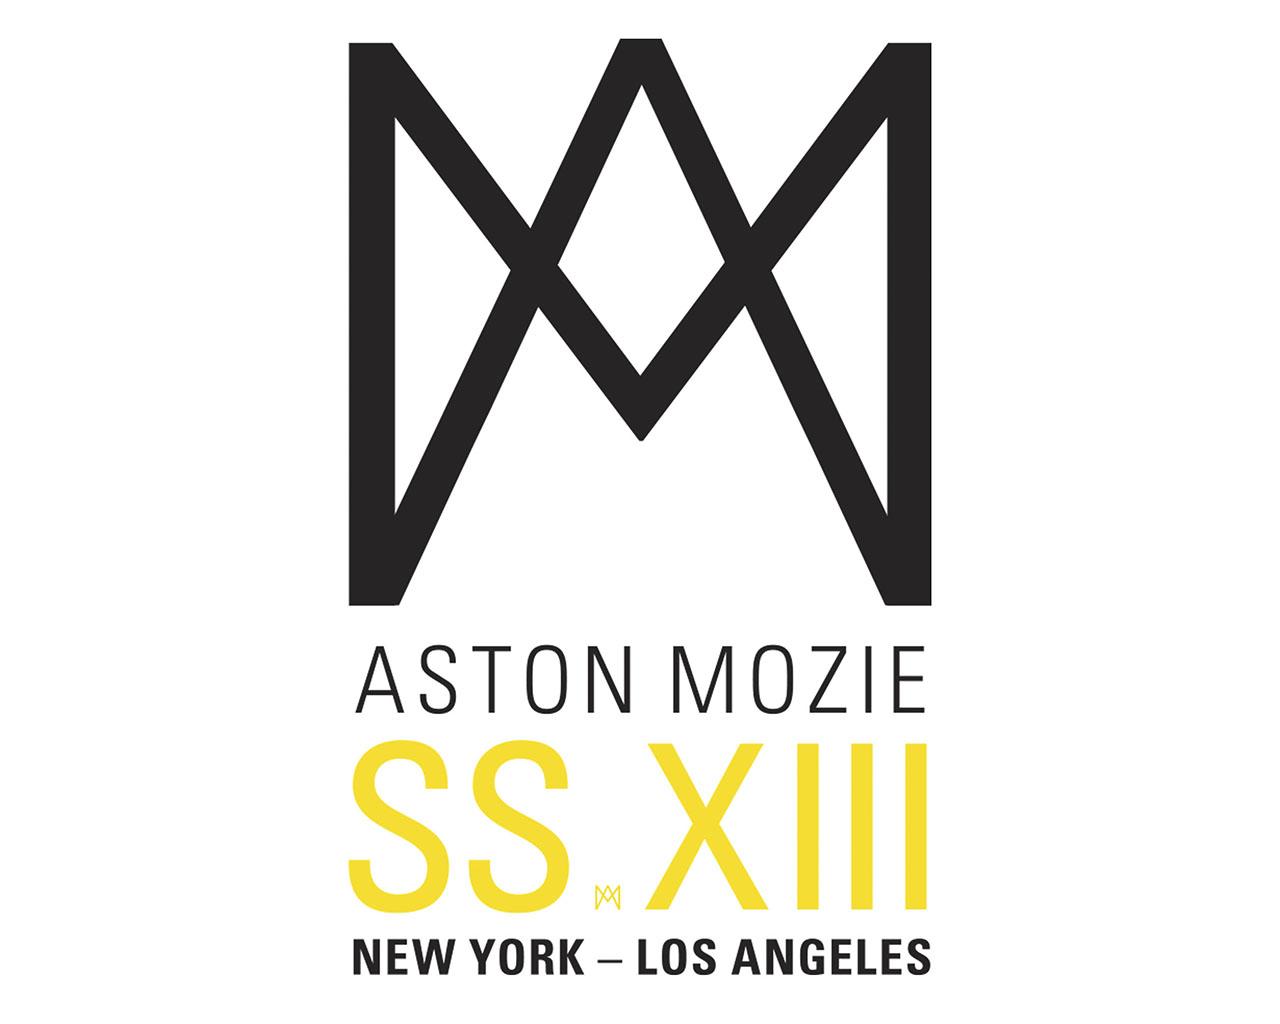 Aston Mozie